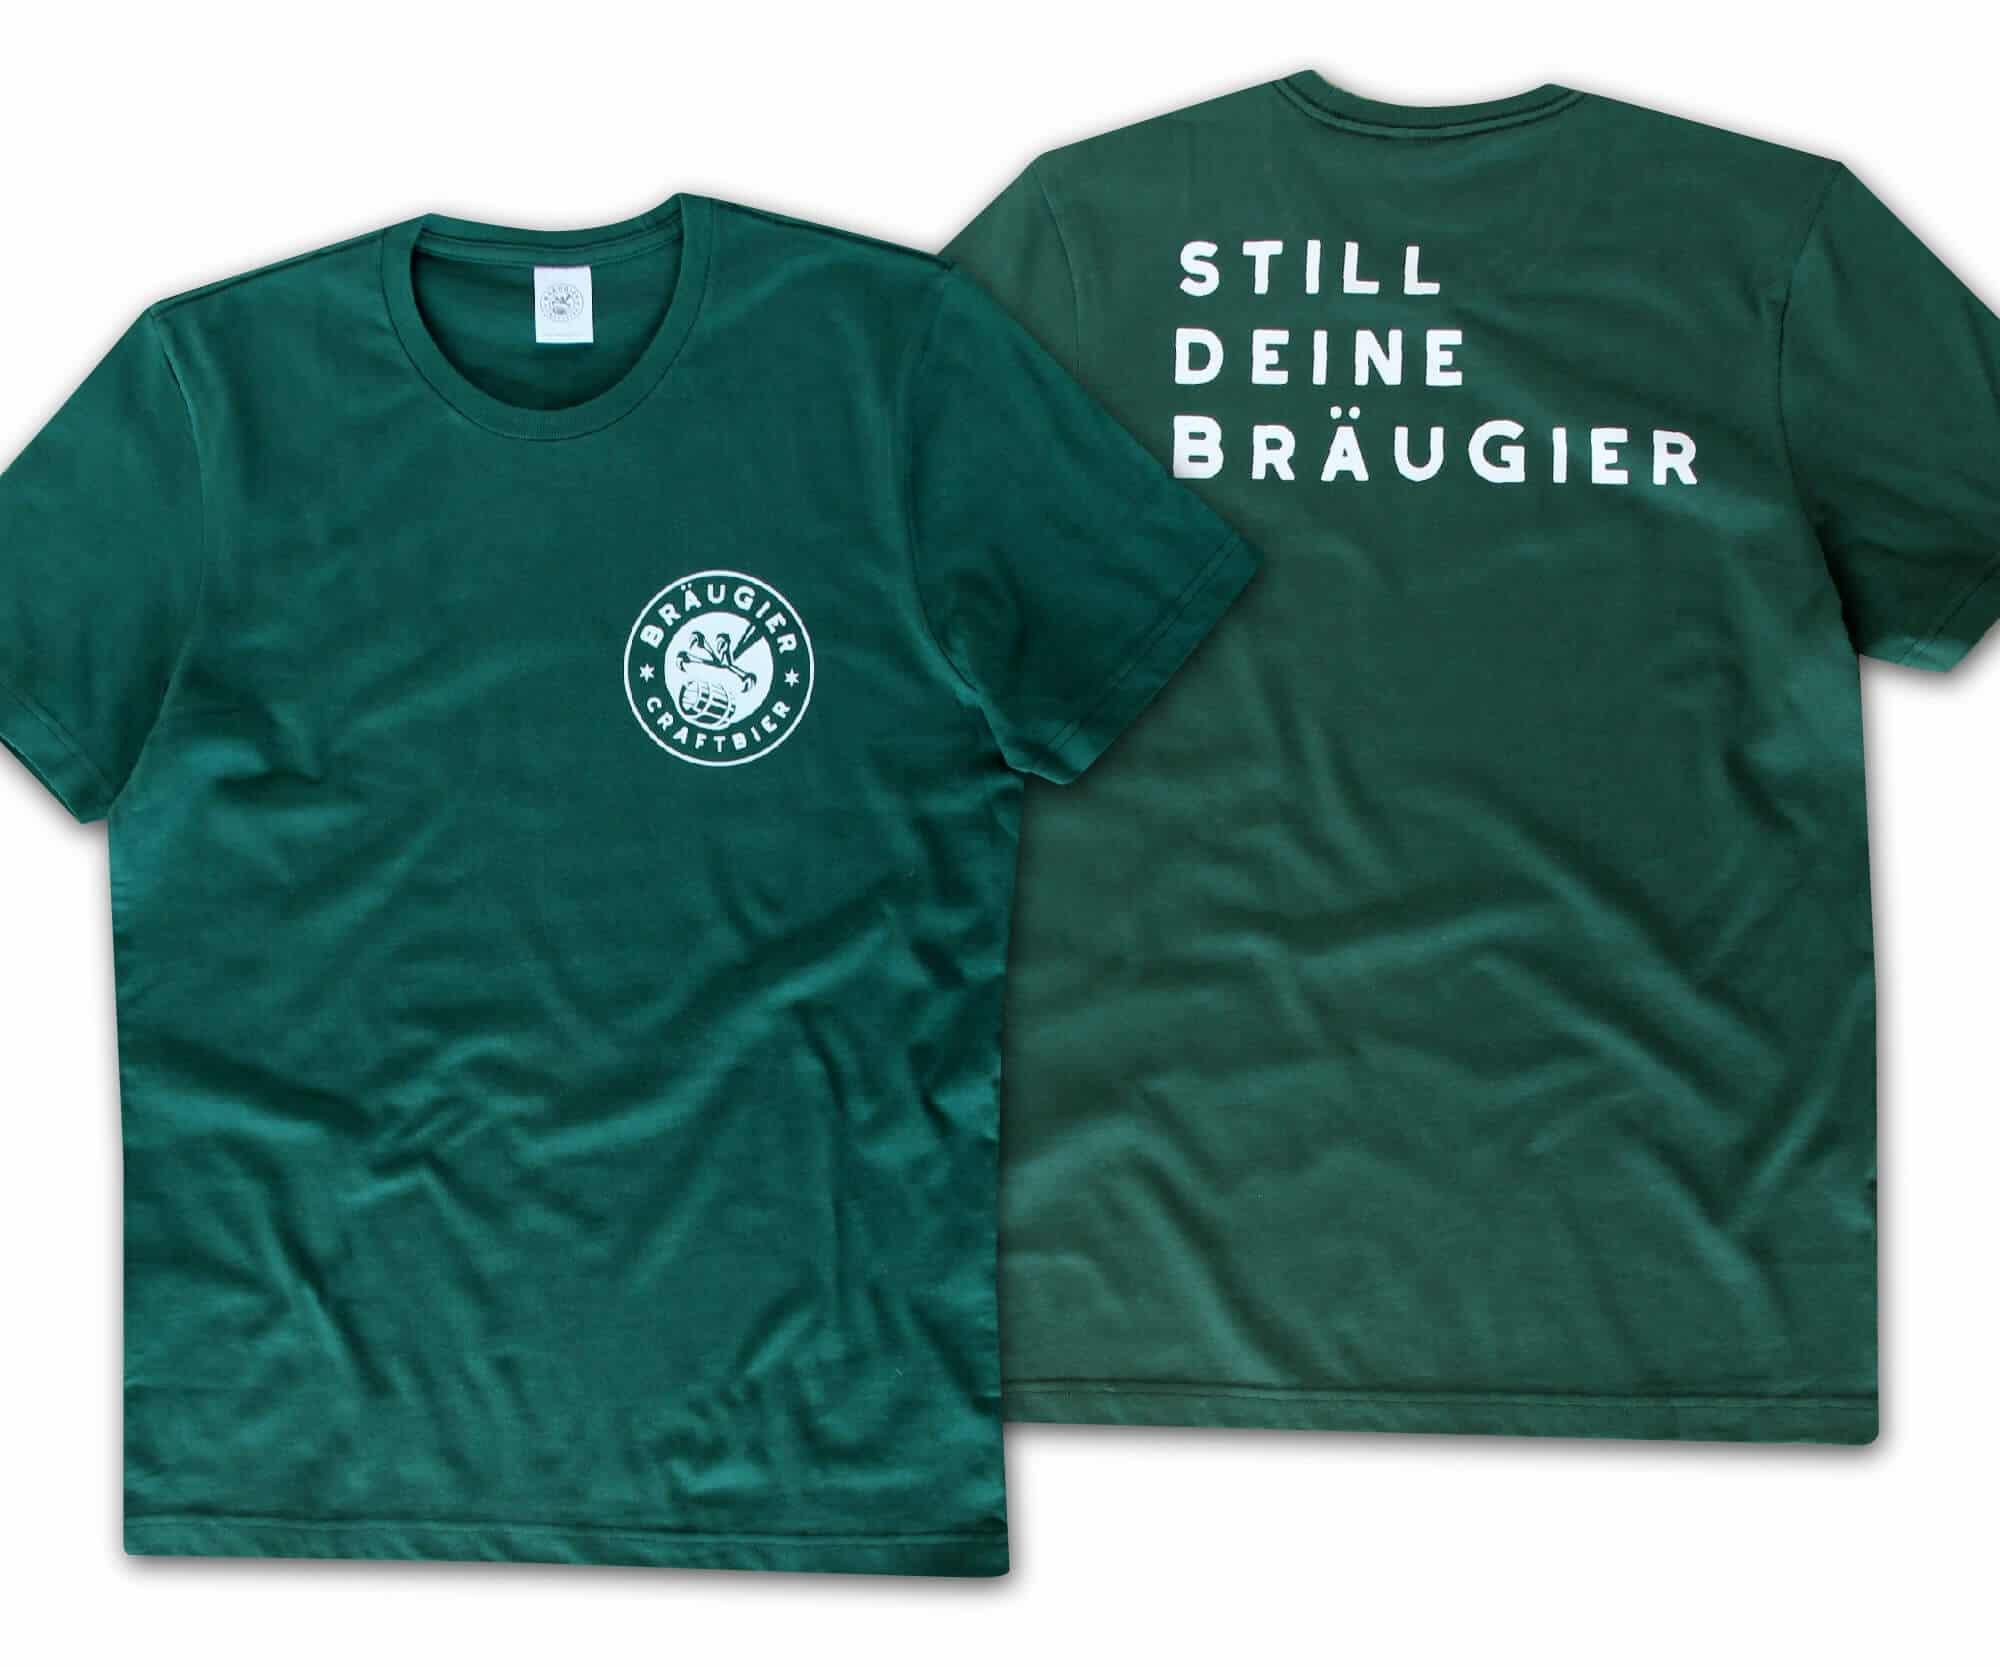 BRÄUGIER T-Shirt Grün